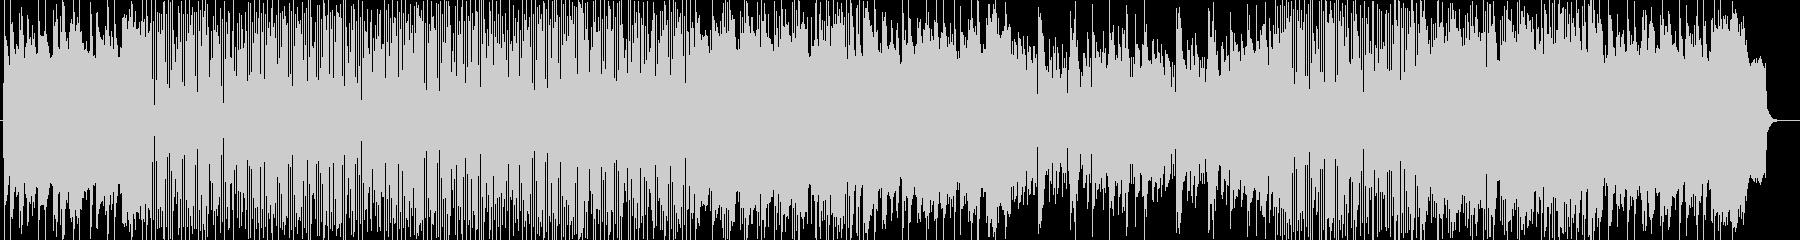 明るく爽快なシンセサイザーサウンドの未再生の波形